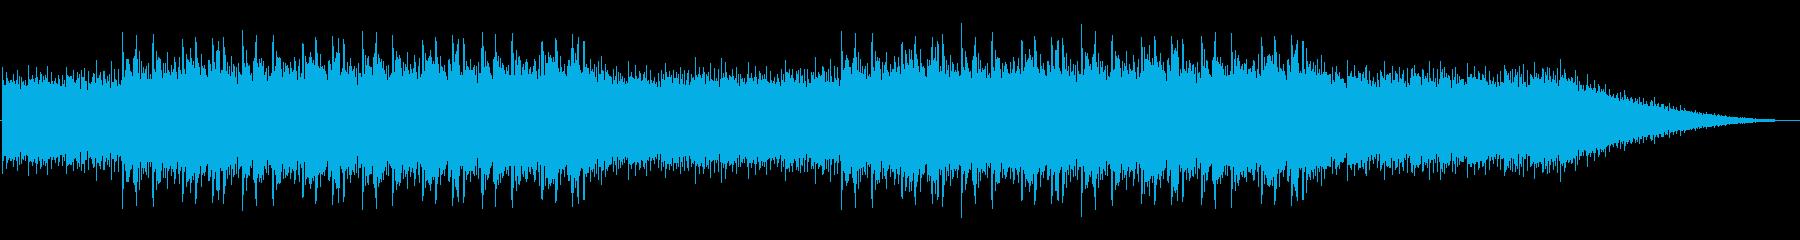 神秘的で爽やかなBGM /ピアノ/アコギの再生済みの波形